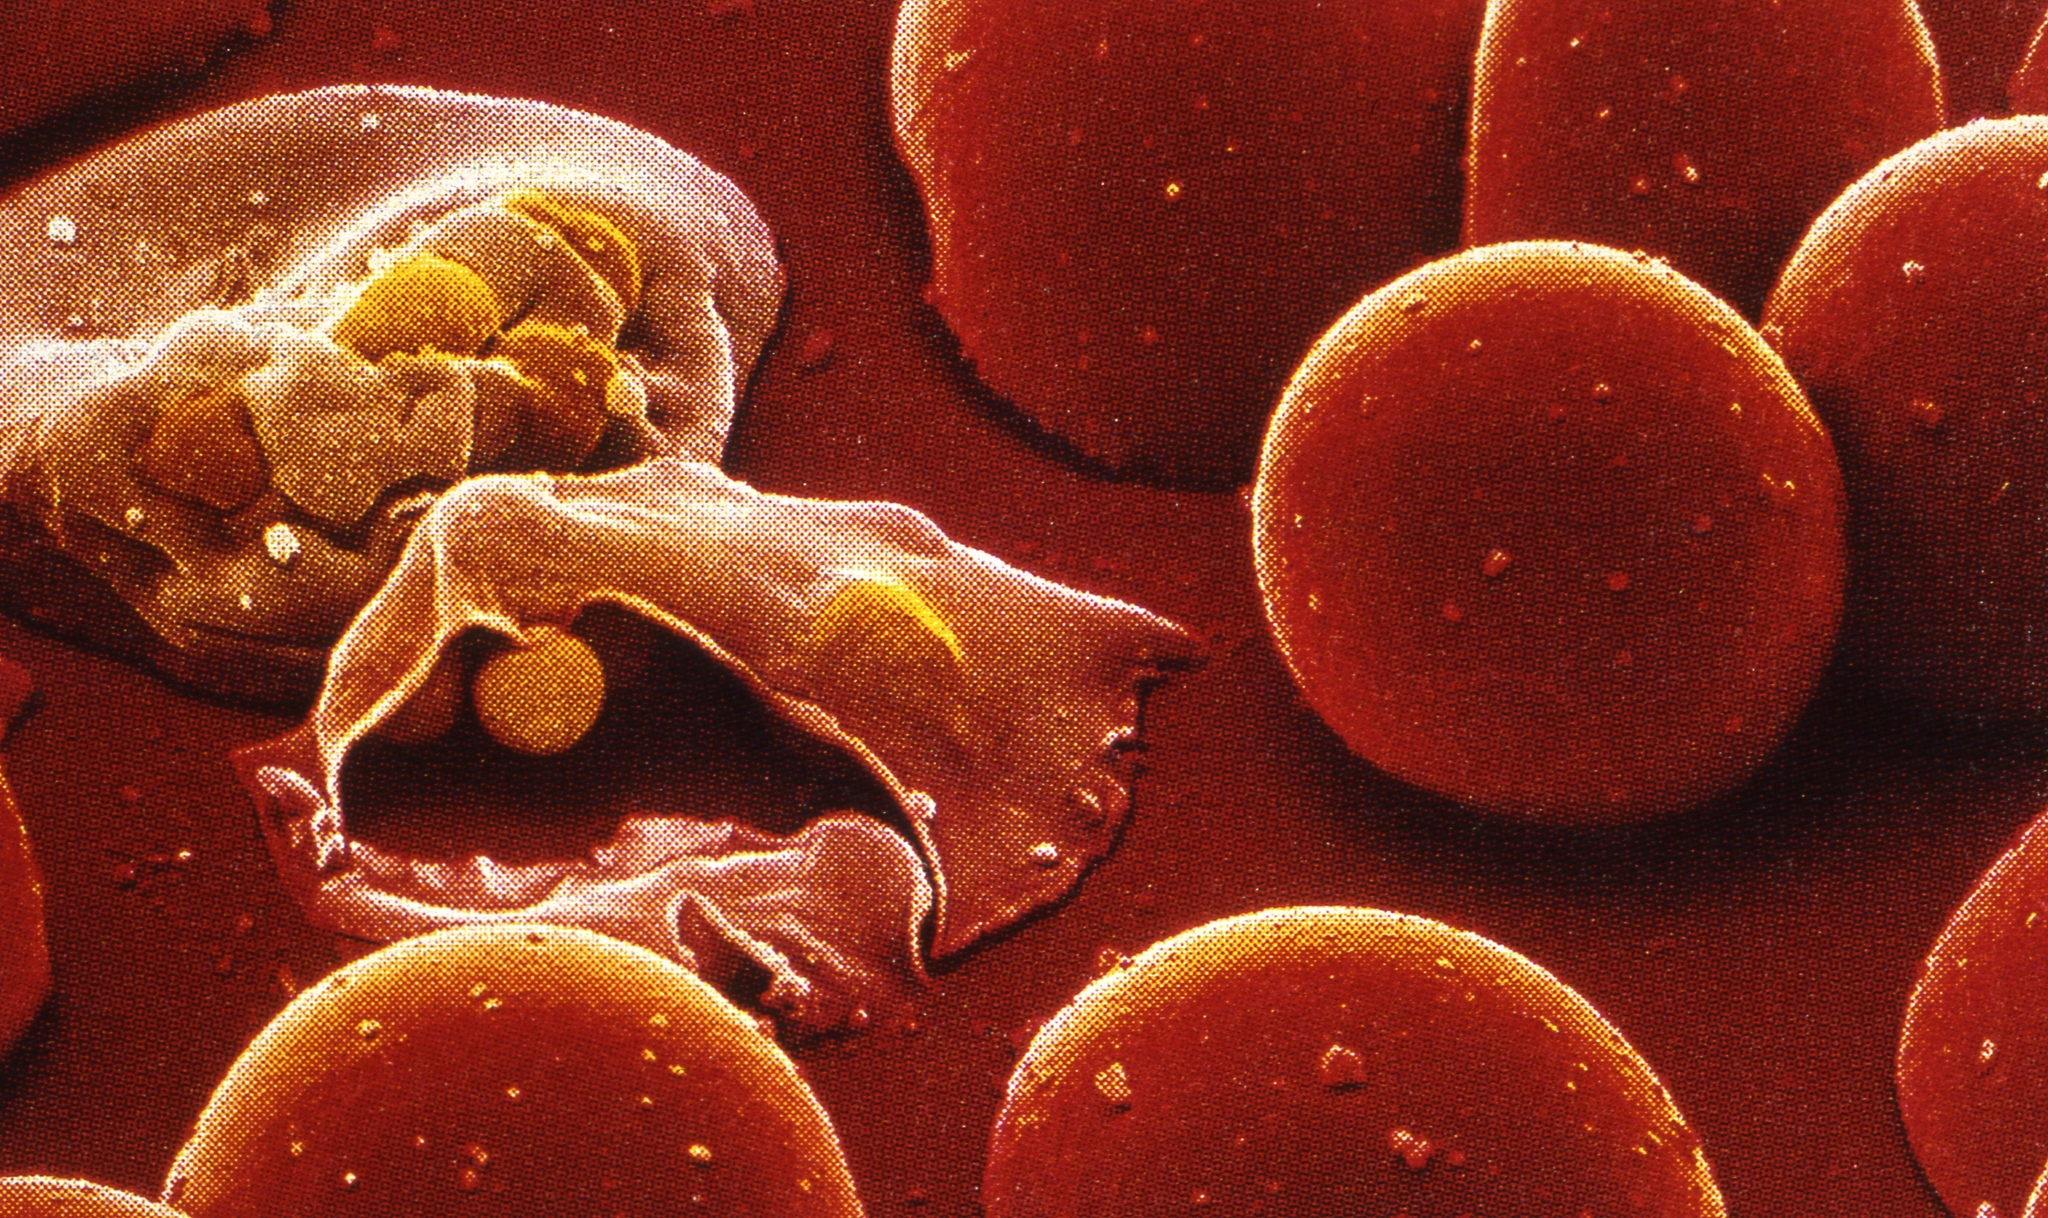 말라리아 균이 침입 이후 손상된 적혈구 모습 [중앙포토]